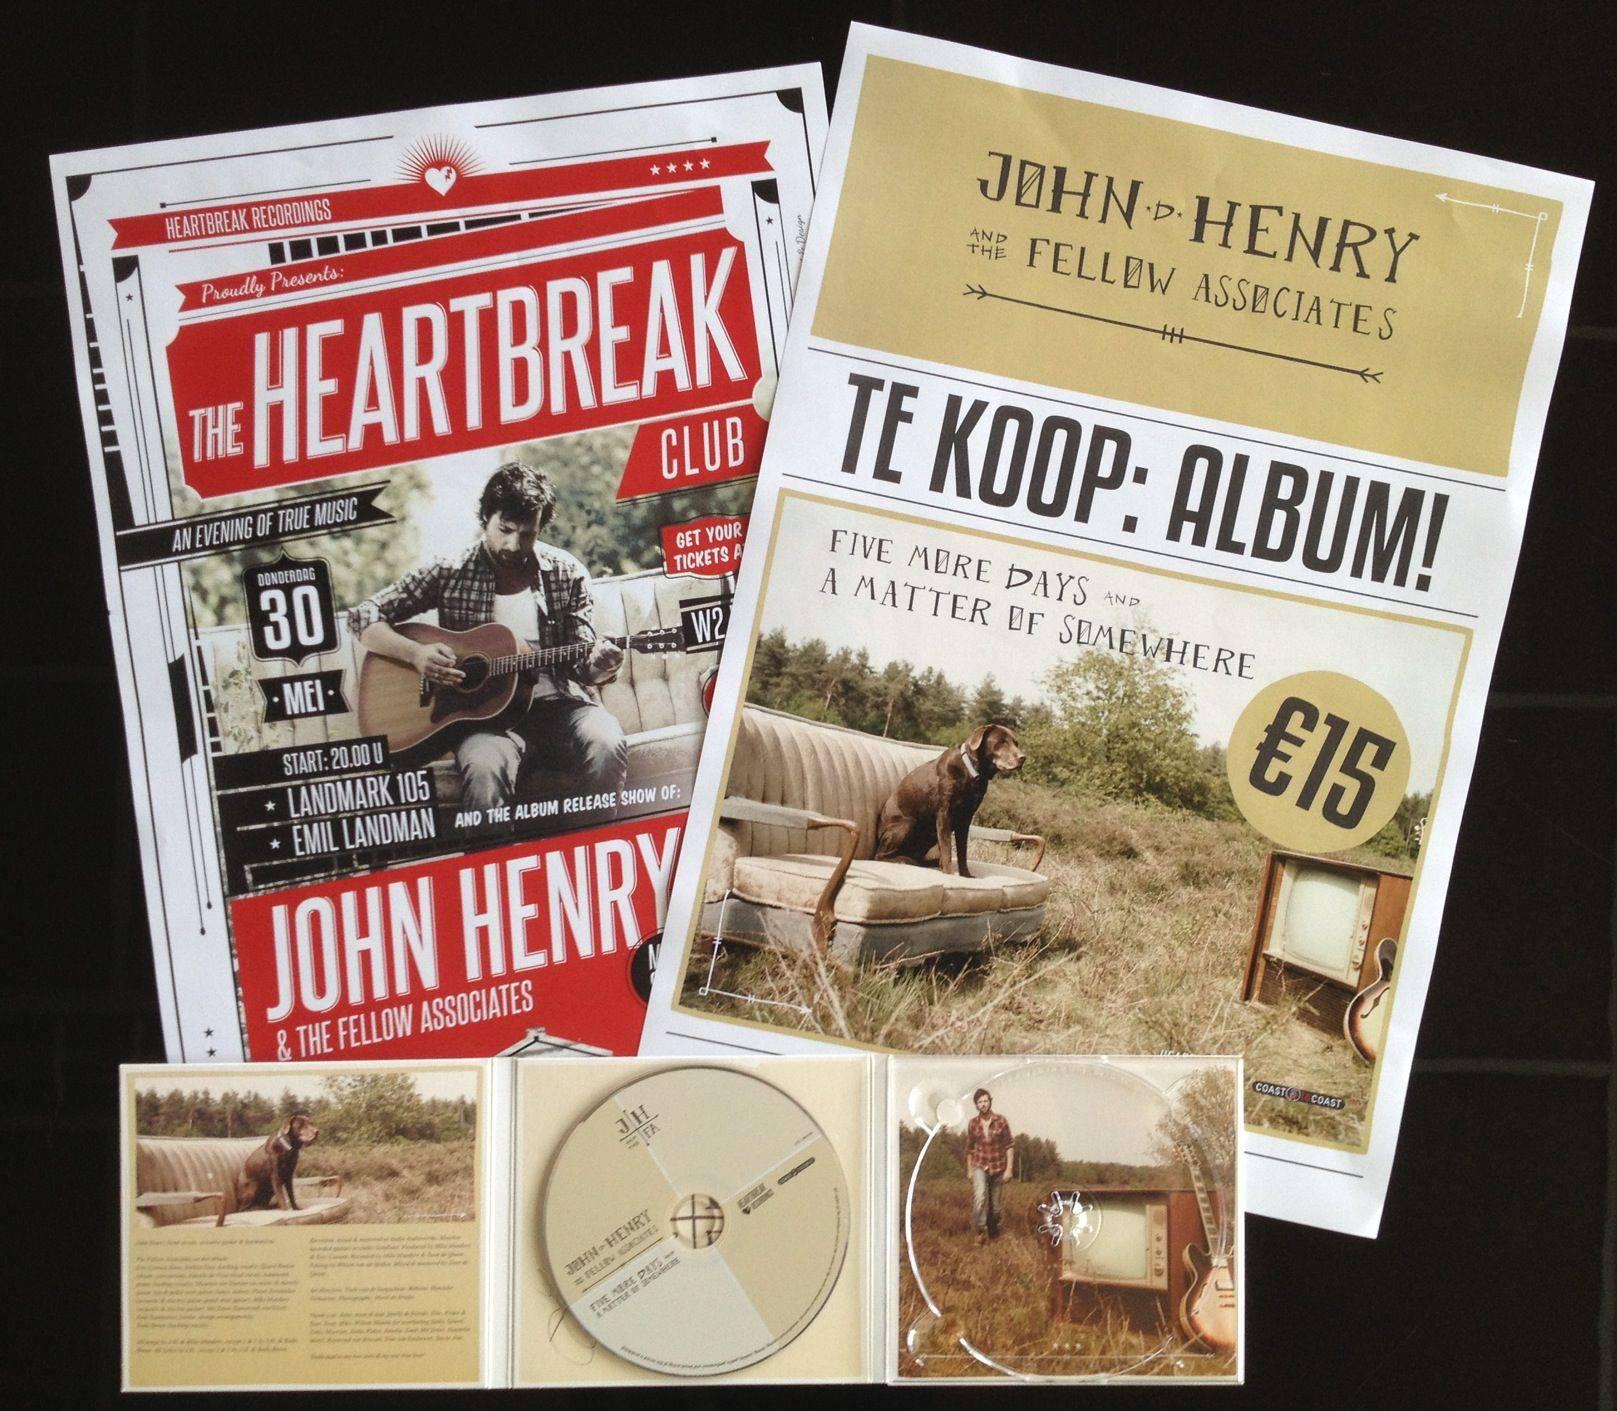 John Henry posters